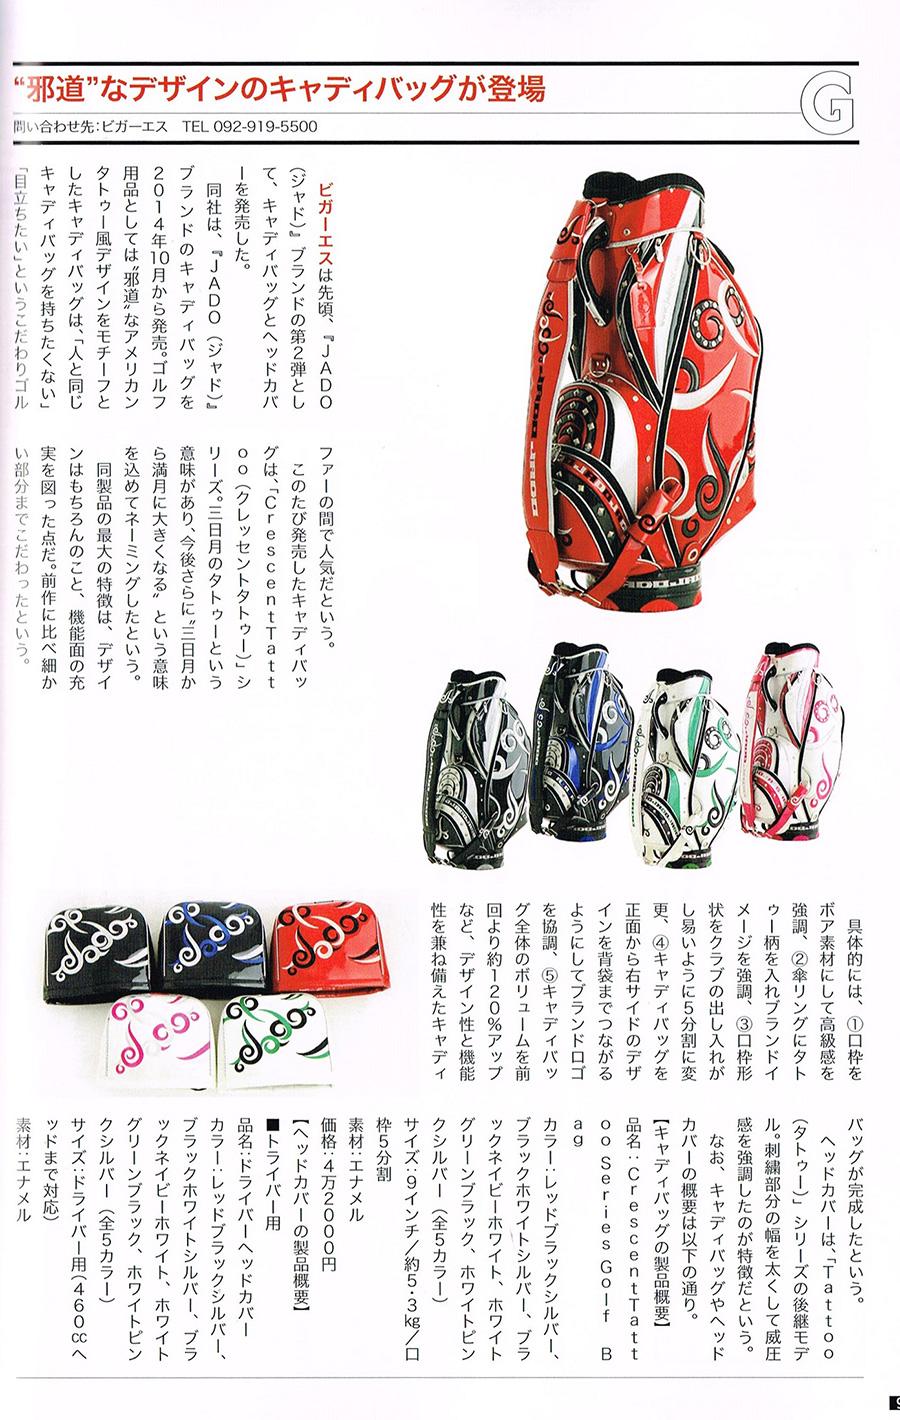 JADO GOLFアイテムが12月1日発売「月刊ゴルフ用品界 GEW」に掲載されました